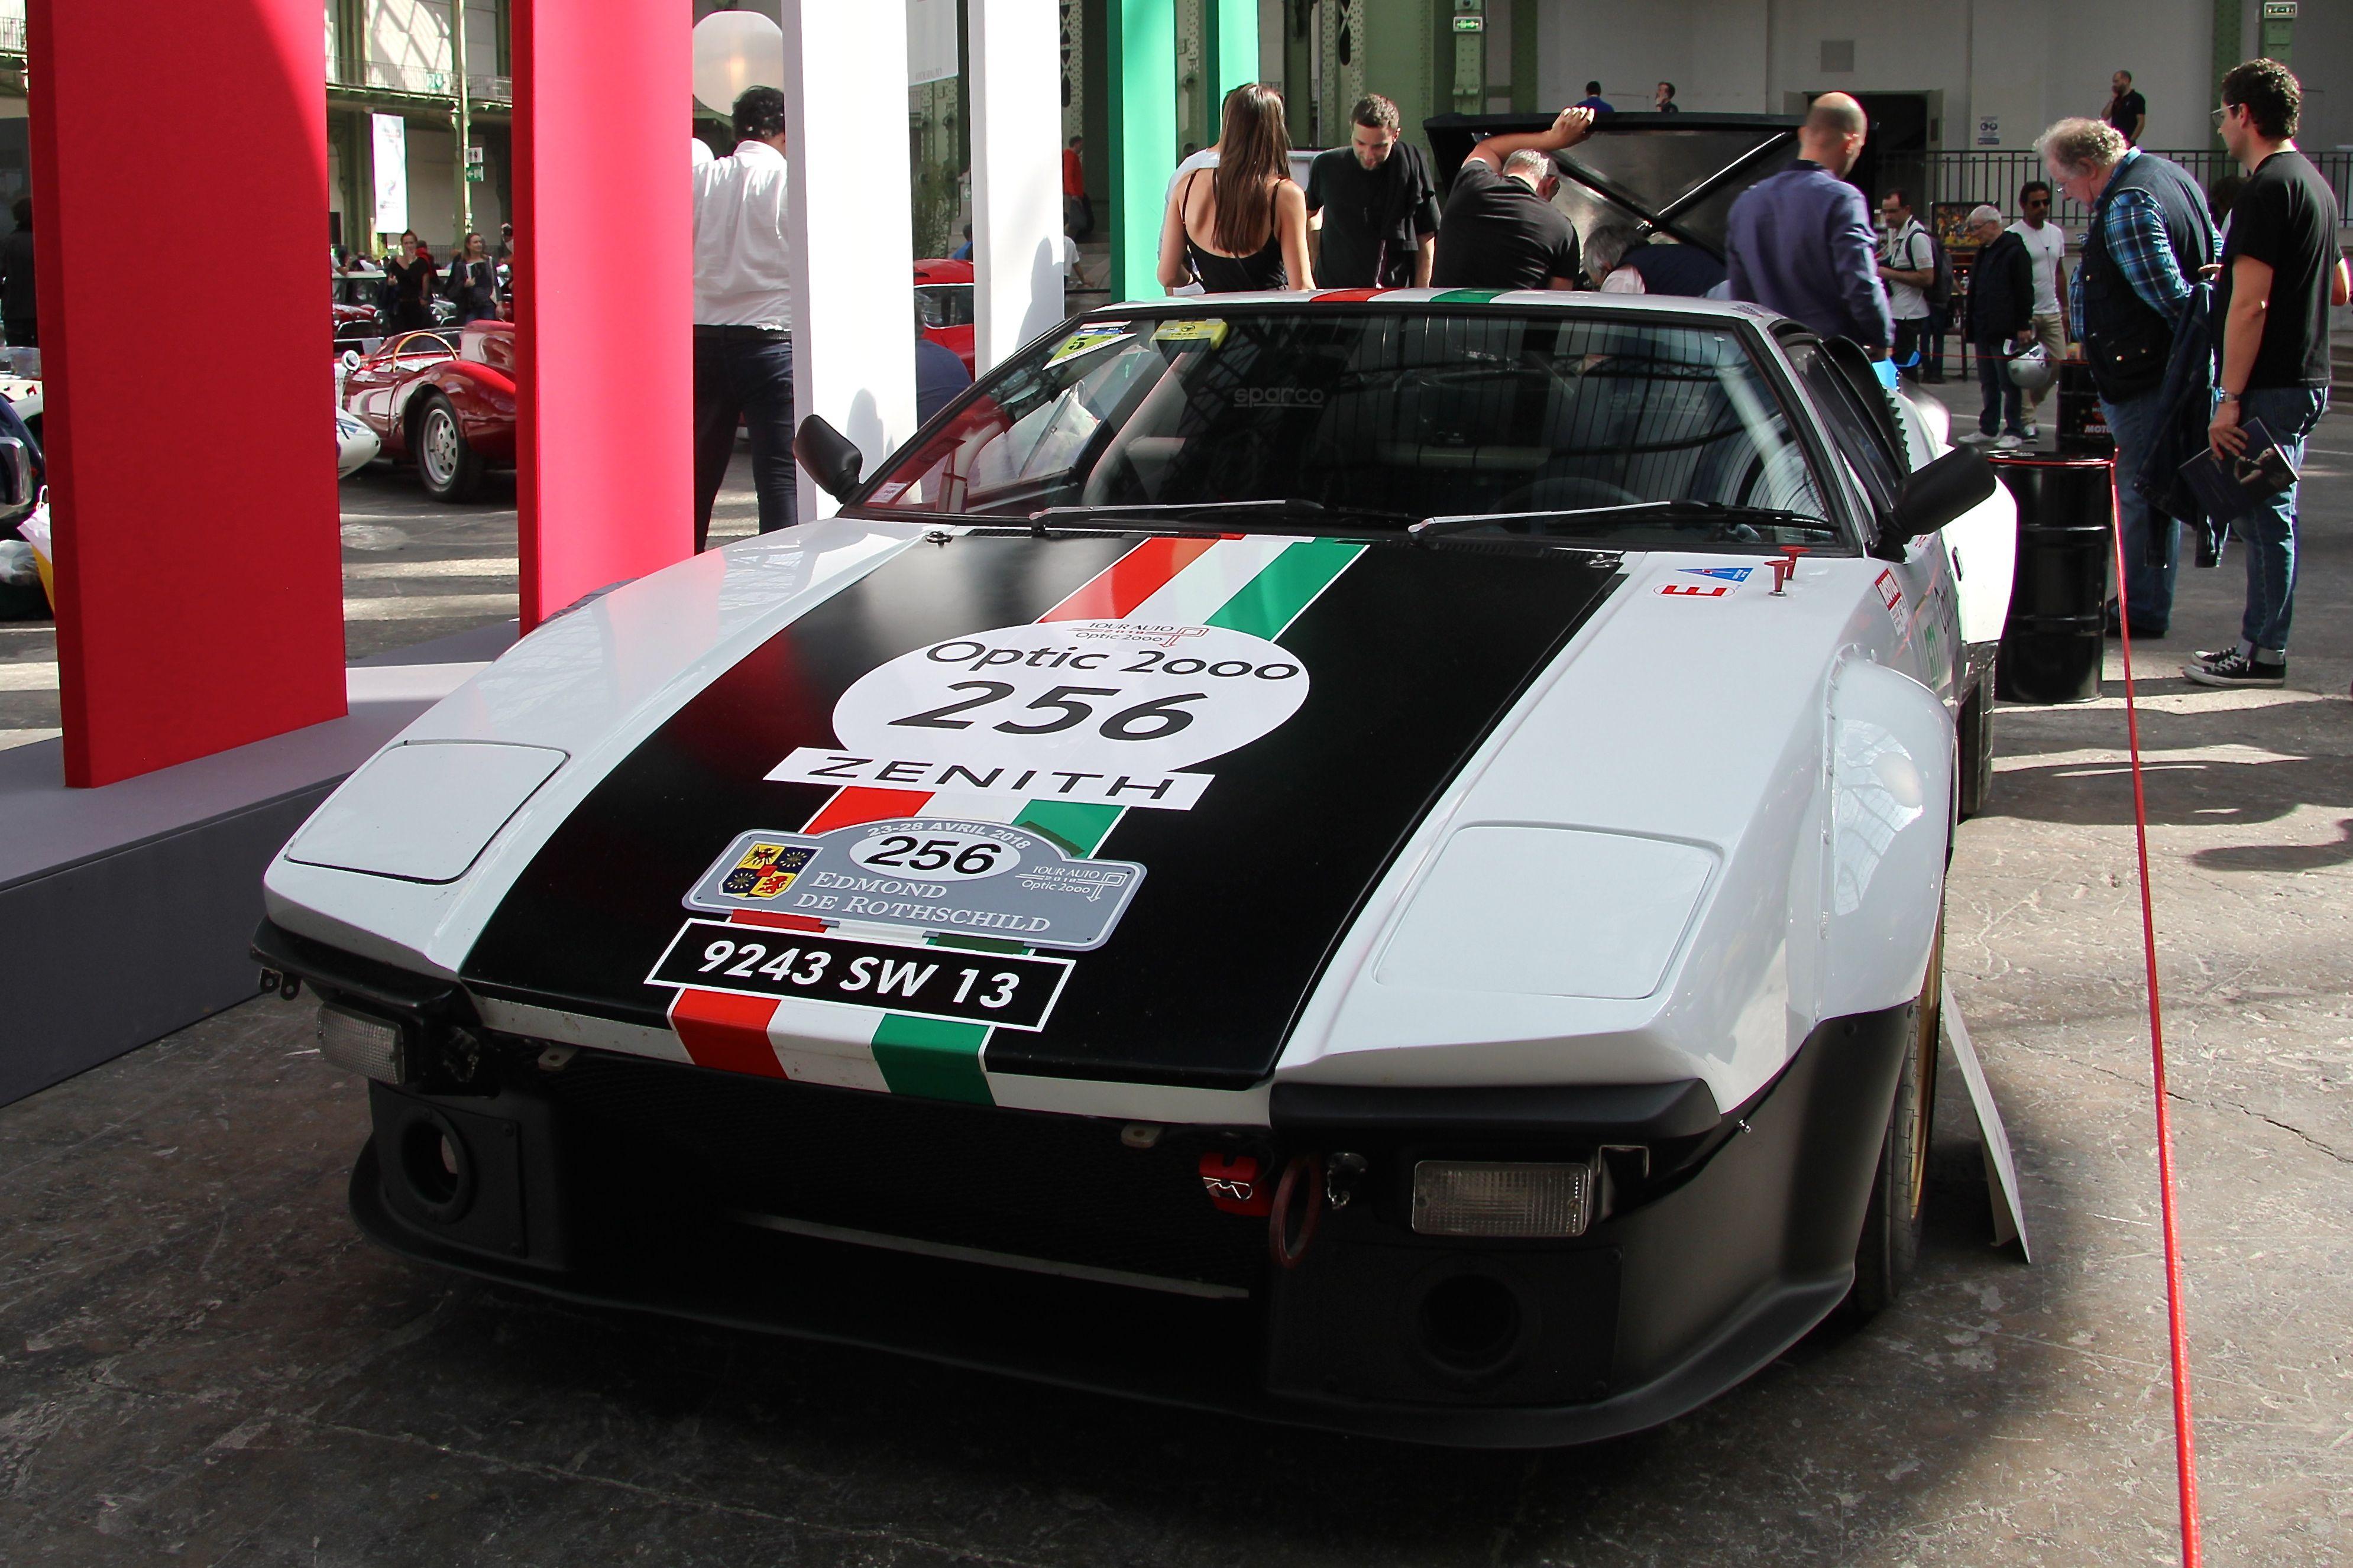 De Tomaso Pantera GrIV 1972 - Tour Auto - 2018 - photo Ludo Ferrari